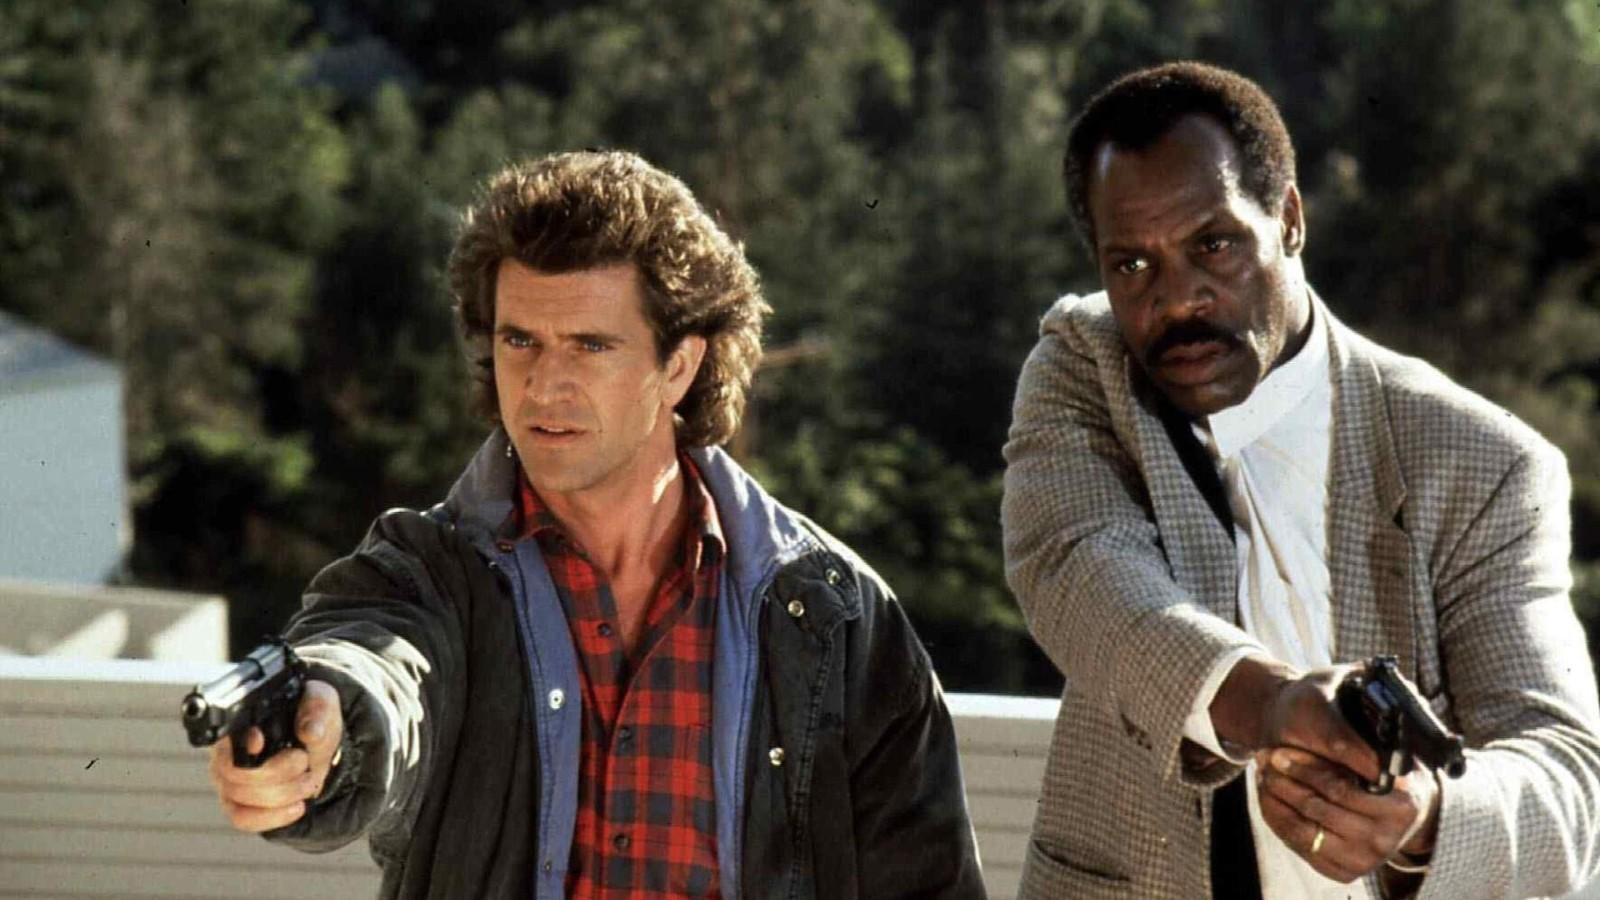 Kettejük közül egyértelműen a Mel Gibson alakította Martin Riggs a zűrösebb egyéniség, Danny Glover örökké nyugdíj előtt álló, a végletekig empatikus Roger Murtaugh-ja szépen kiveszi részét a tehermegosztásból, így könnyítve meg partnere életét. A két nyomozóból az évek során igazi vásott kis csapat kovácsolódott, s ugyan nem ők találják fel a spanyolviaszt, ám az, amit csinálnak, egyszerűen zseniális! (Warner Bros.)